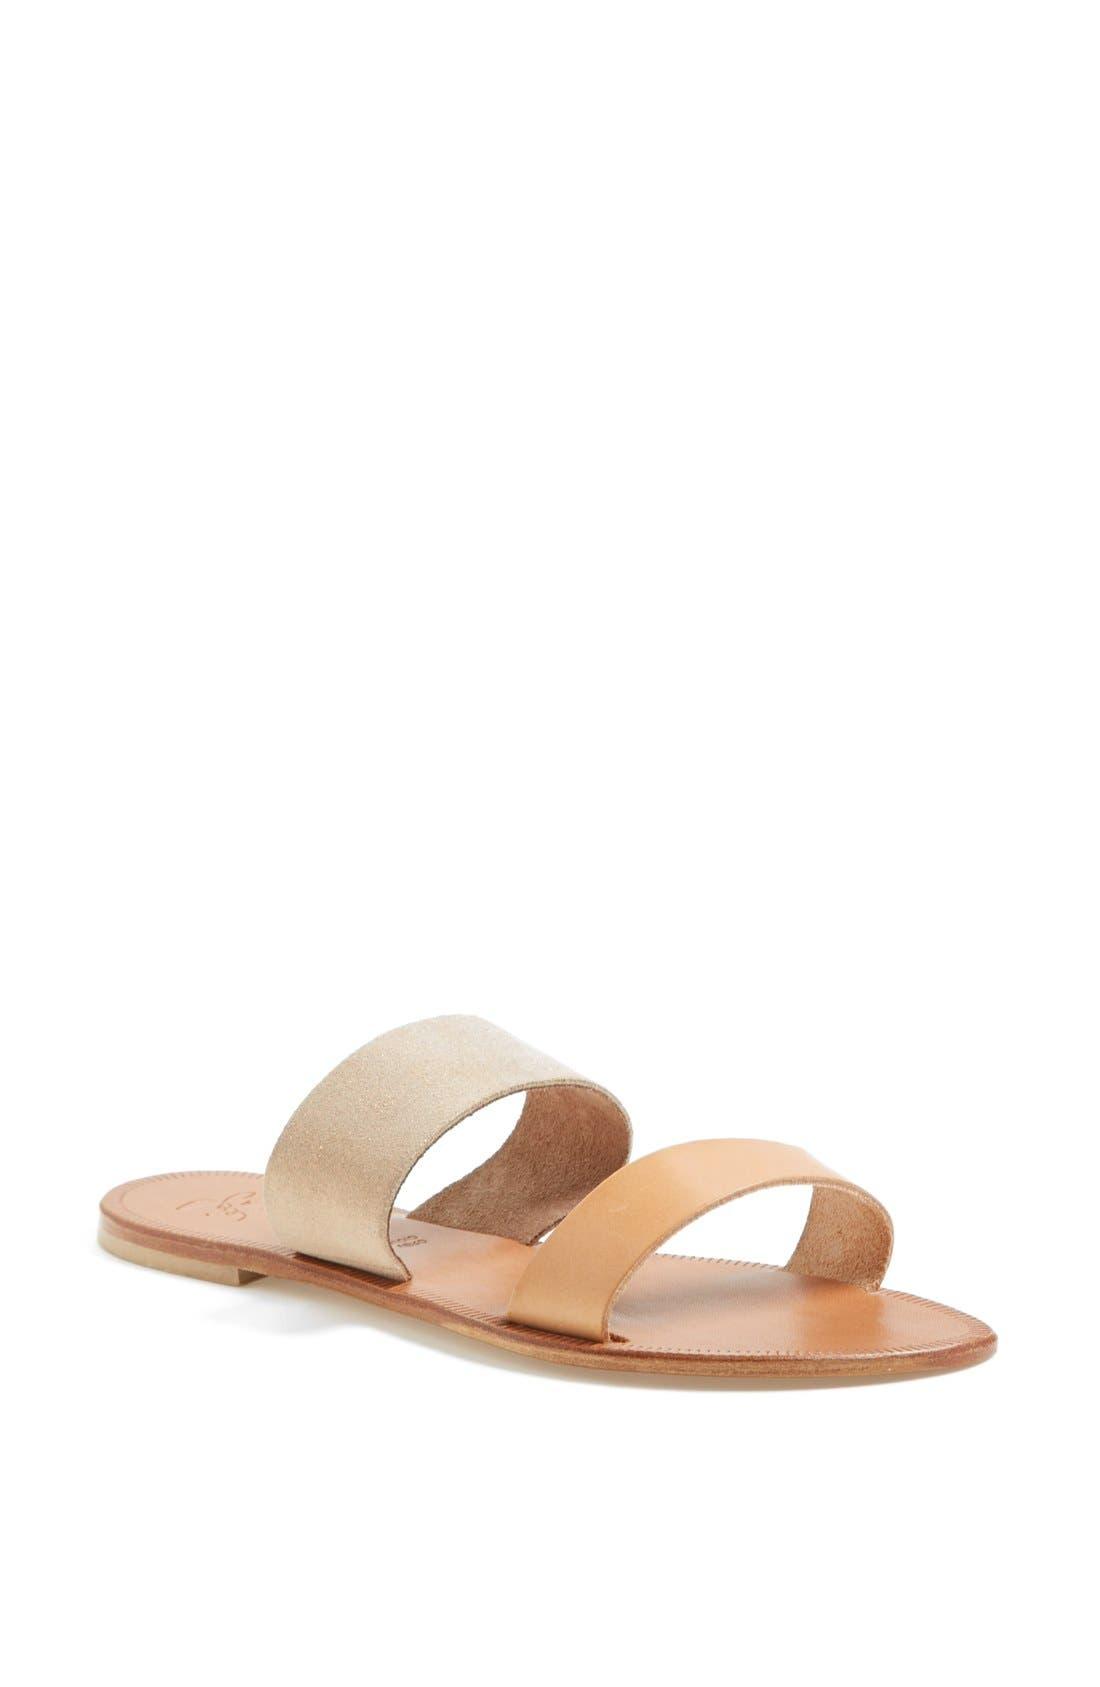 Main Image - Joie a la Plage 'Sable' Leather Slip-On Sandal (Women)